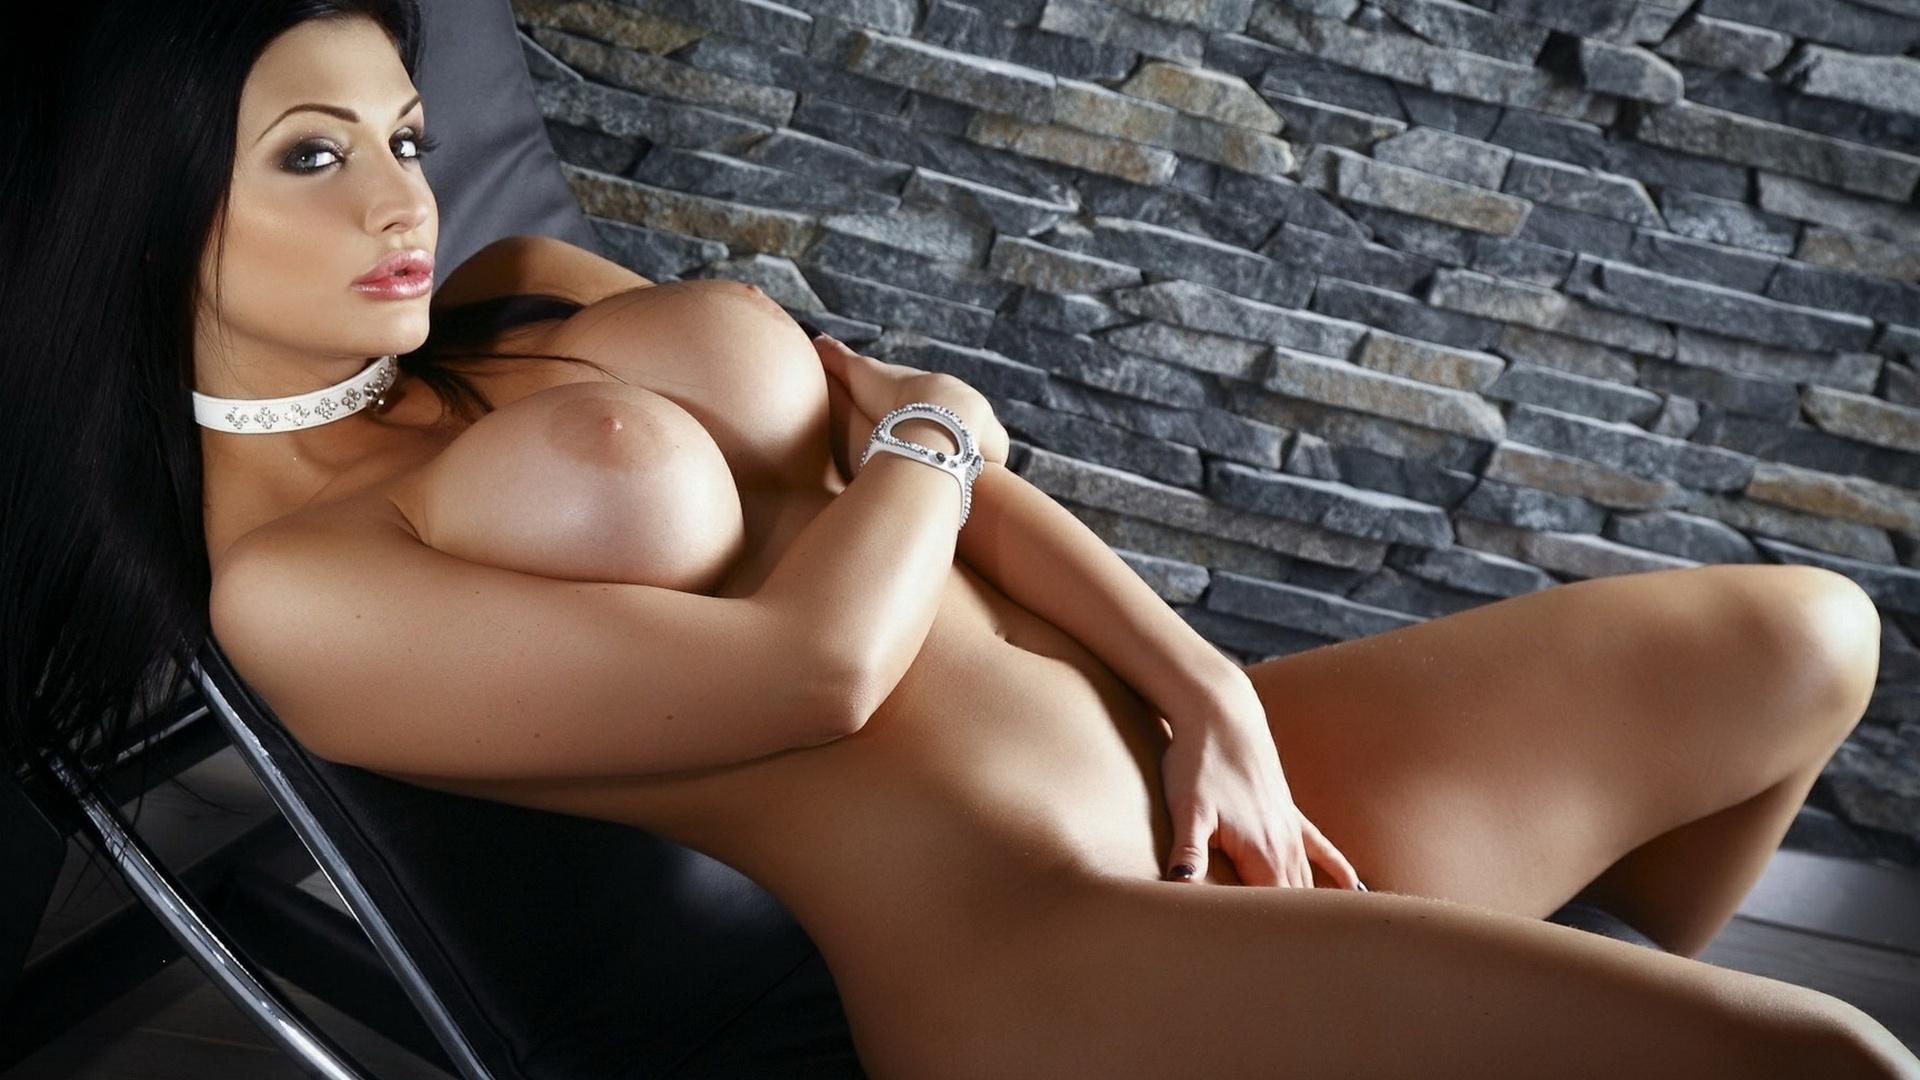 Самые красивые в мире порноактрисы